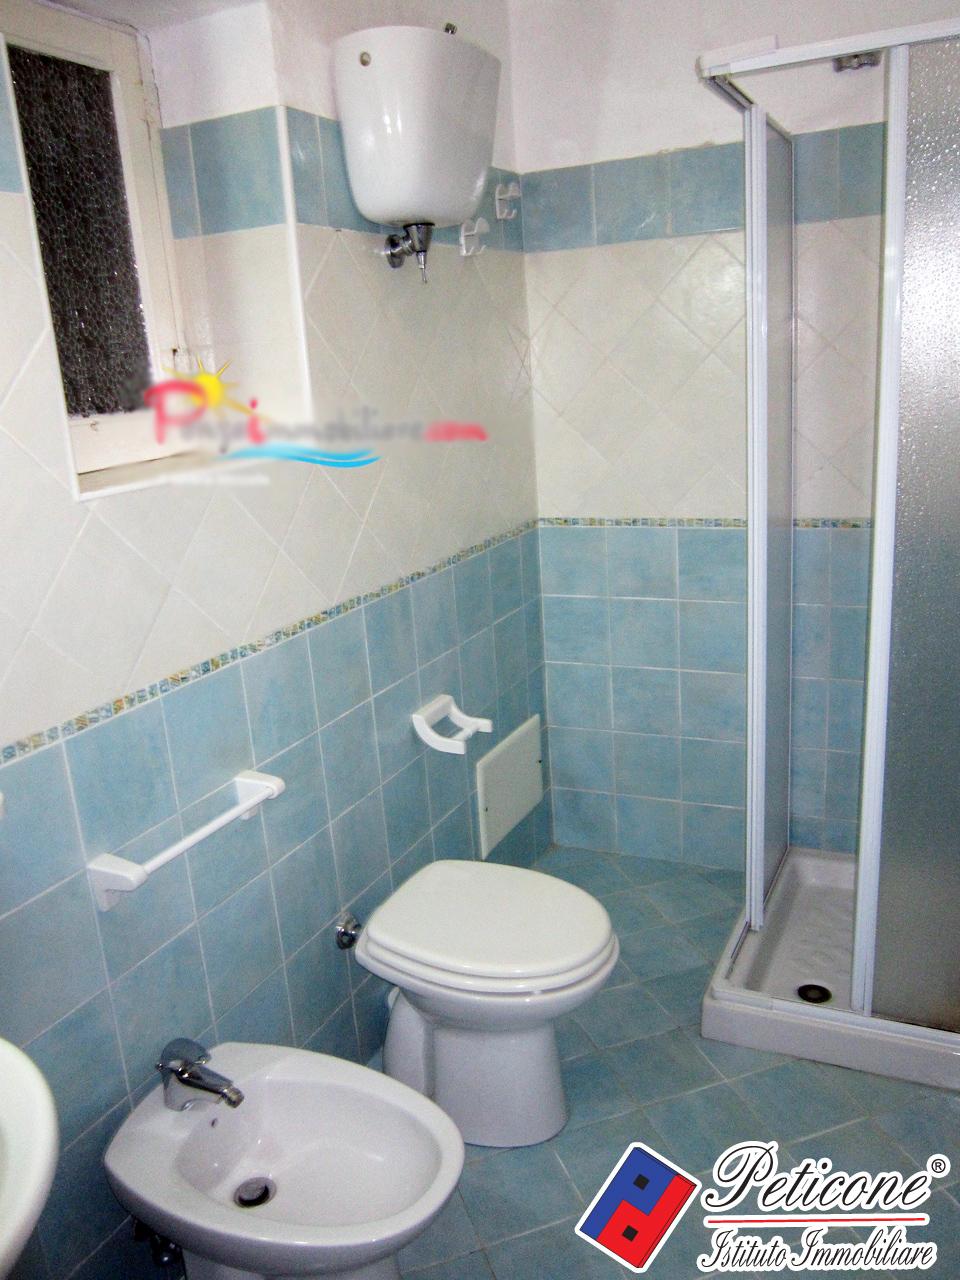 Appartamento in Vendita a Ponza: 3 locali, 65 mq - Foto 8